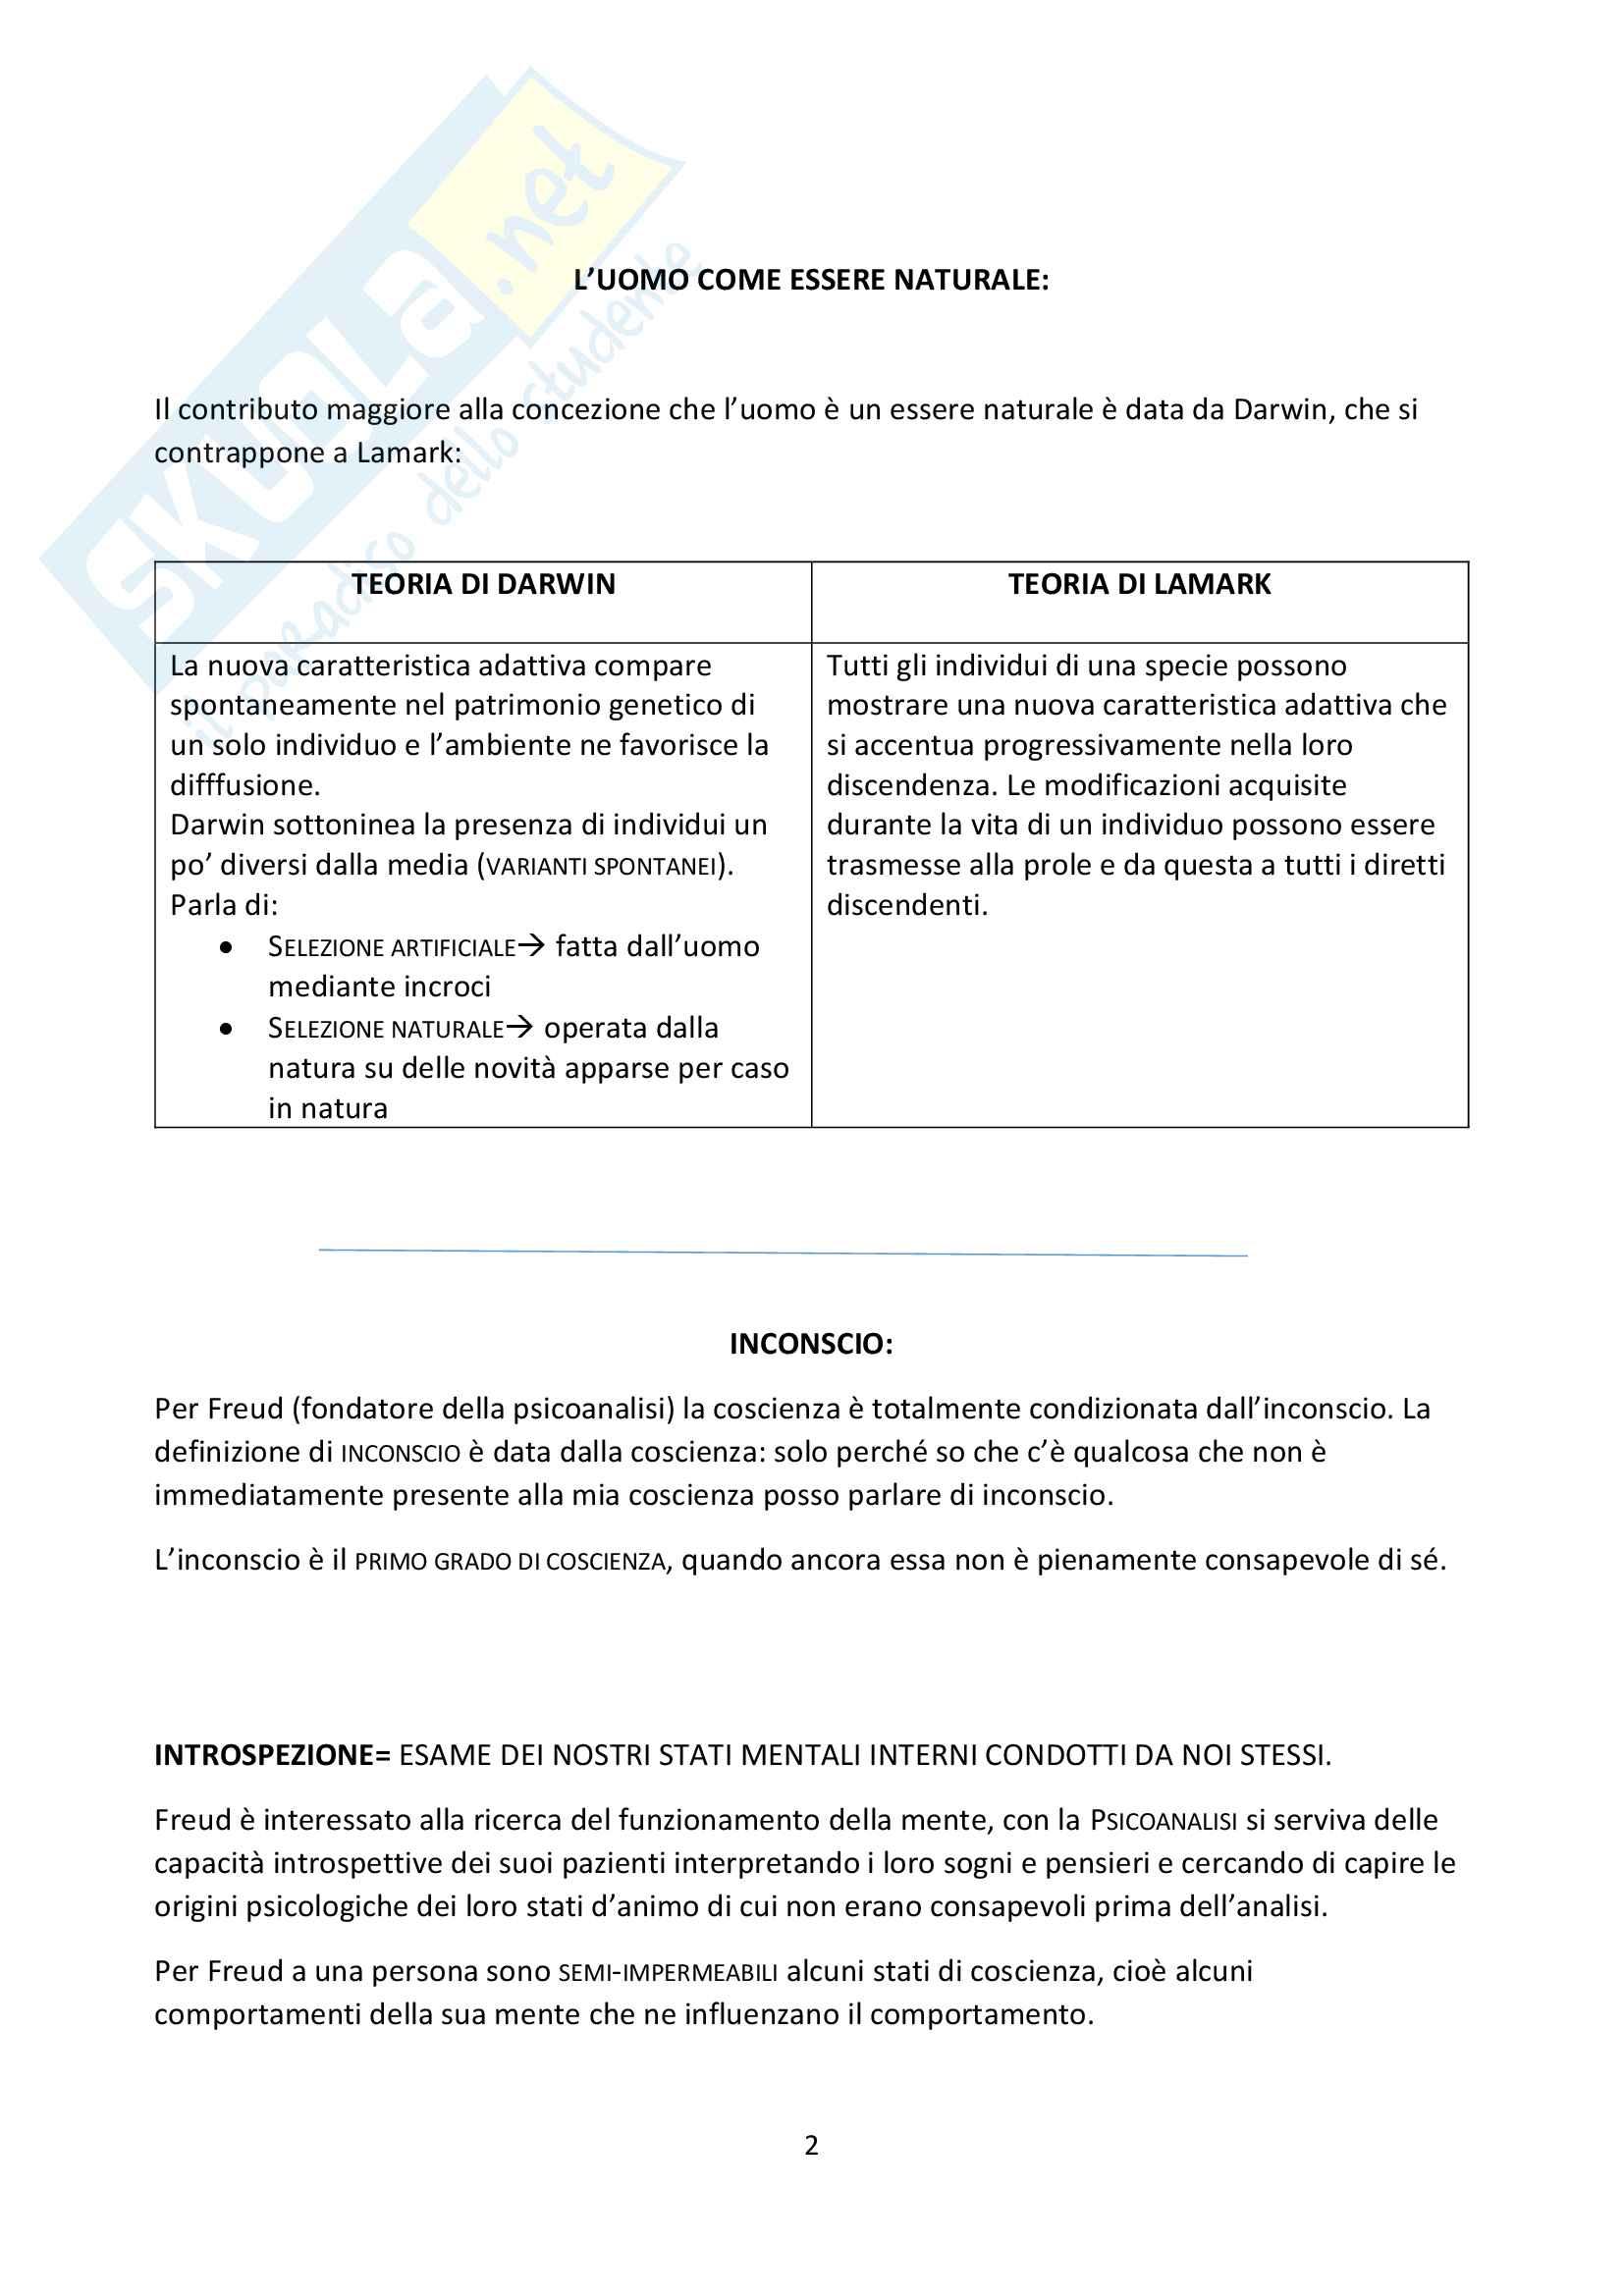 """Riassunto esame Psicologia Generale, docente Federici, libro consigliato """"Psicologia Generale"""" di L. Anolli e P. Legrenzi Pag. 2"""